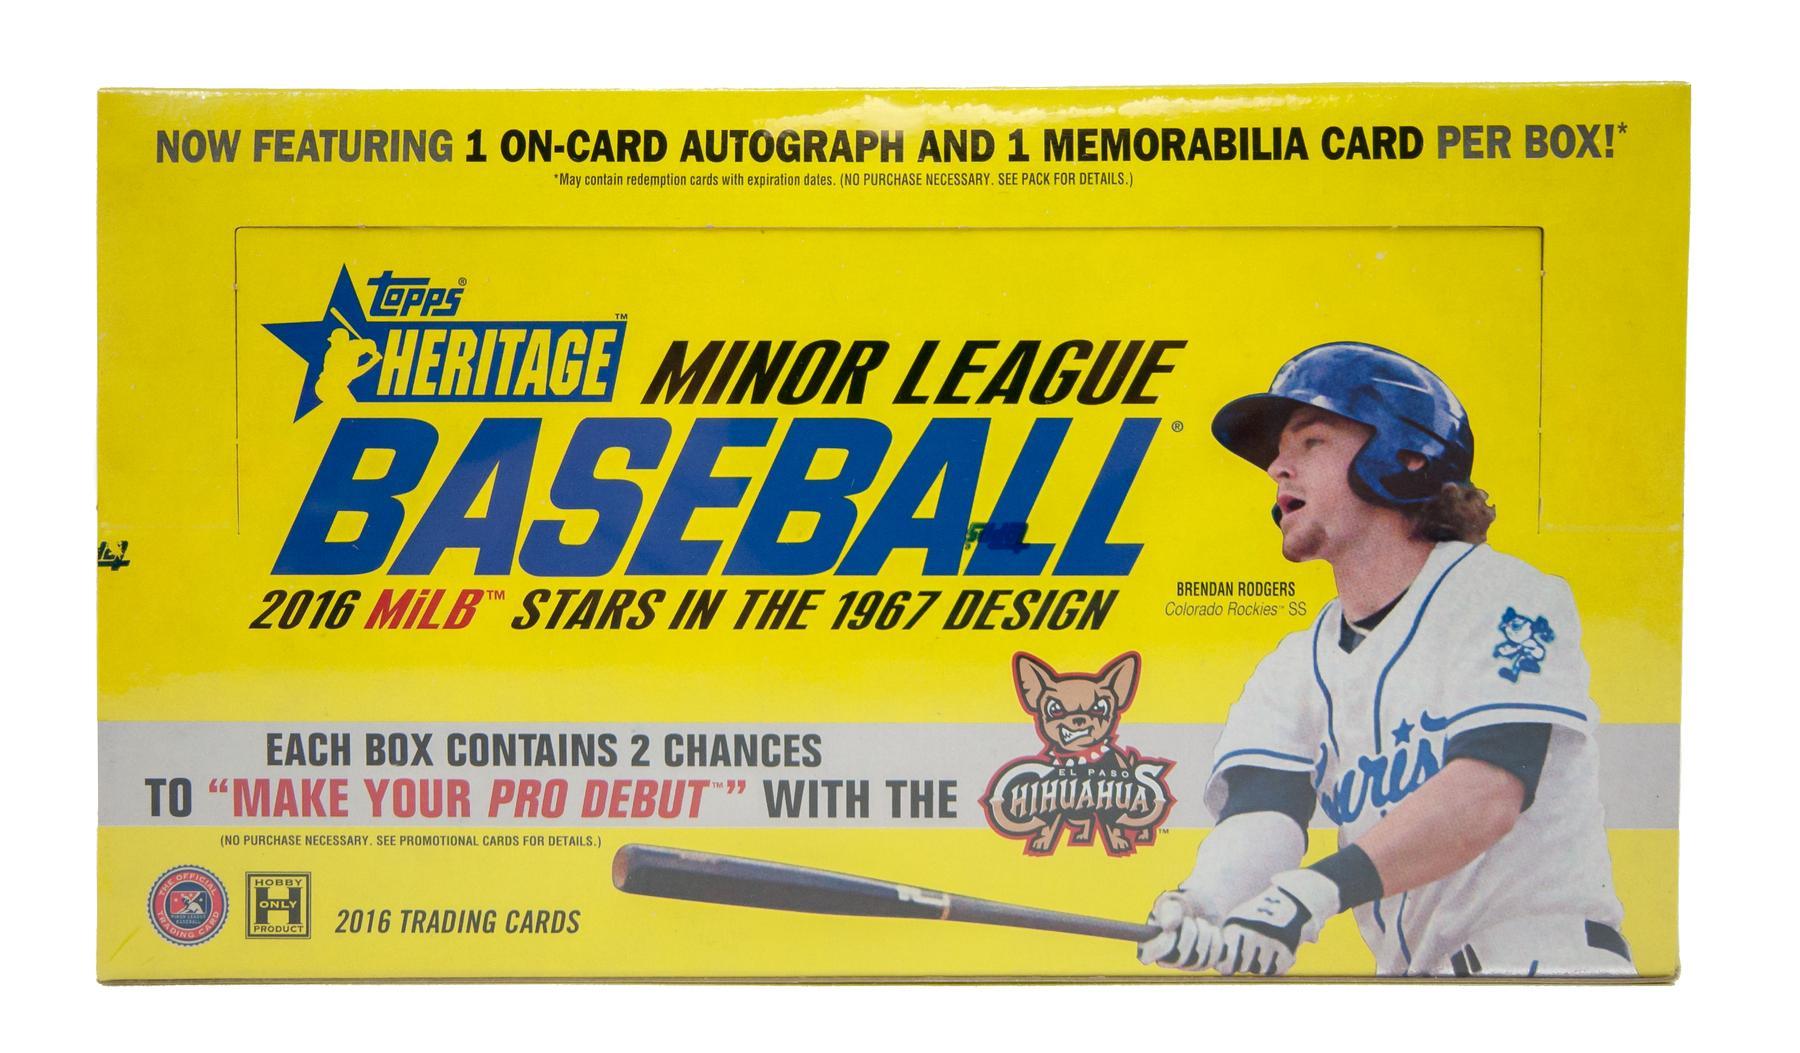 2016 Topps Heritage Minor League Baseball Hobby Box Da Card World